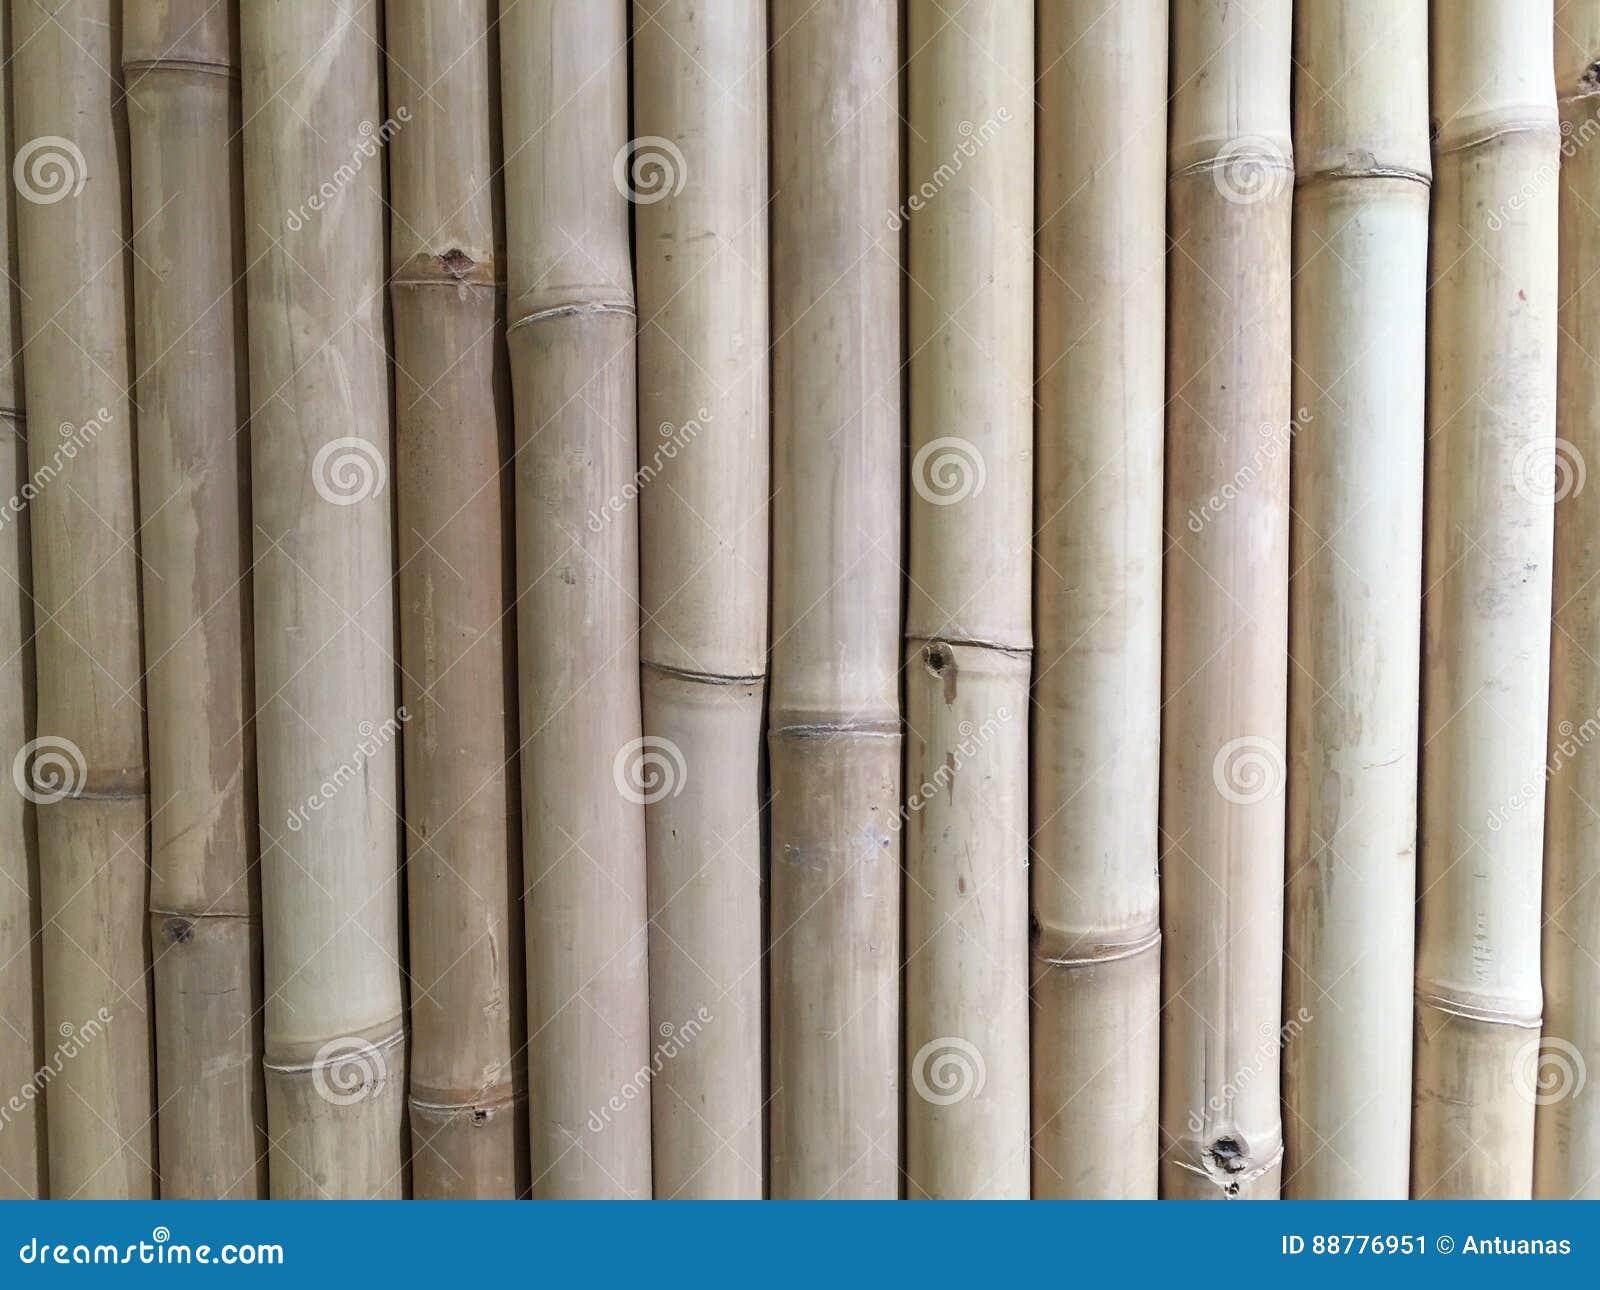 Bamboo exture